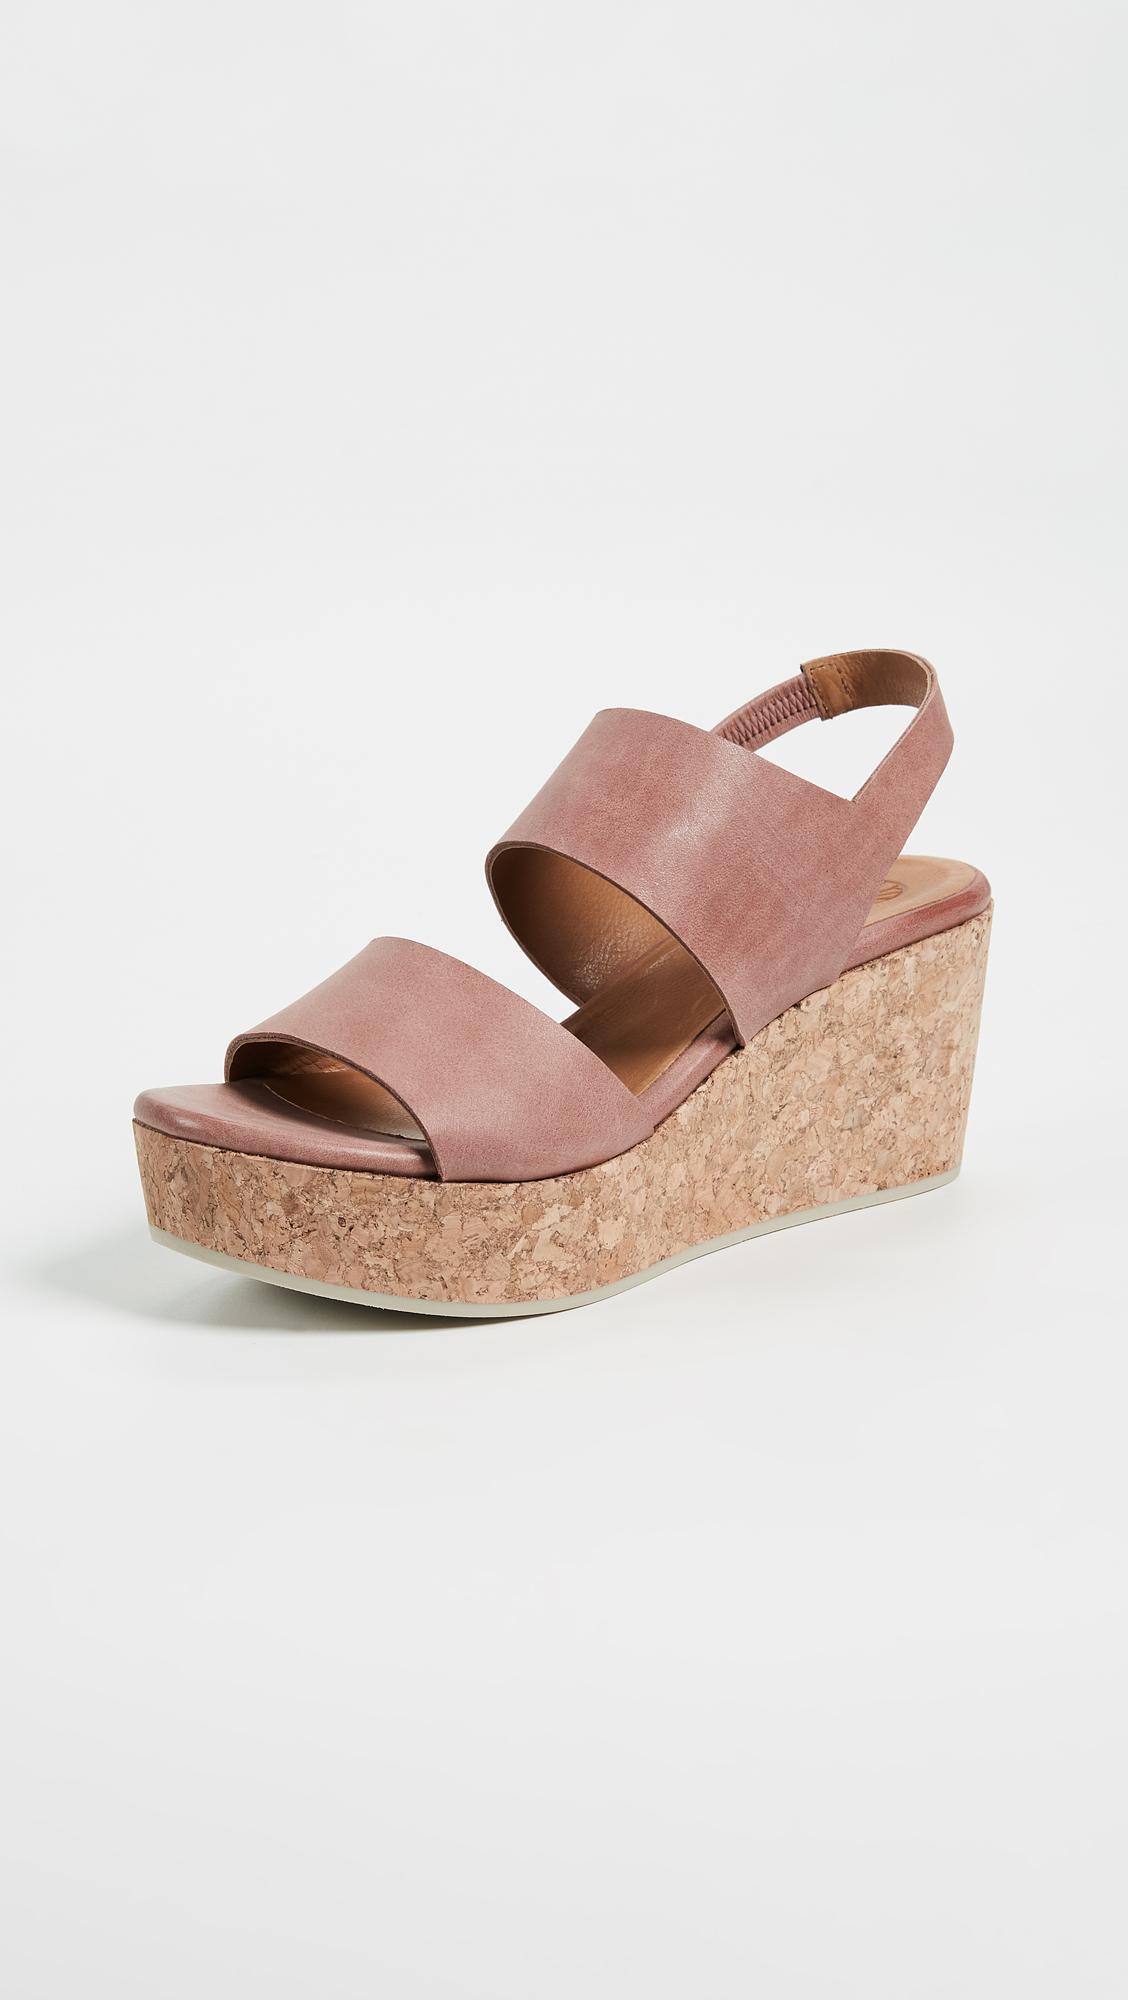 Coclico Shoes. Glassy Platform Sandals